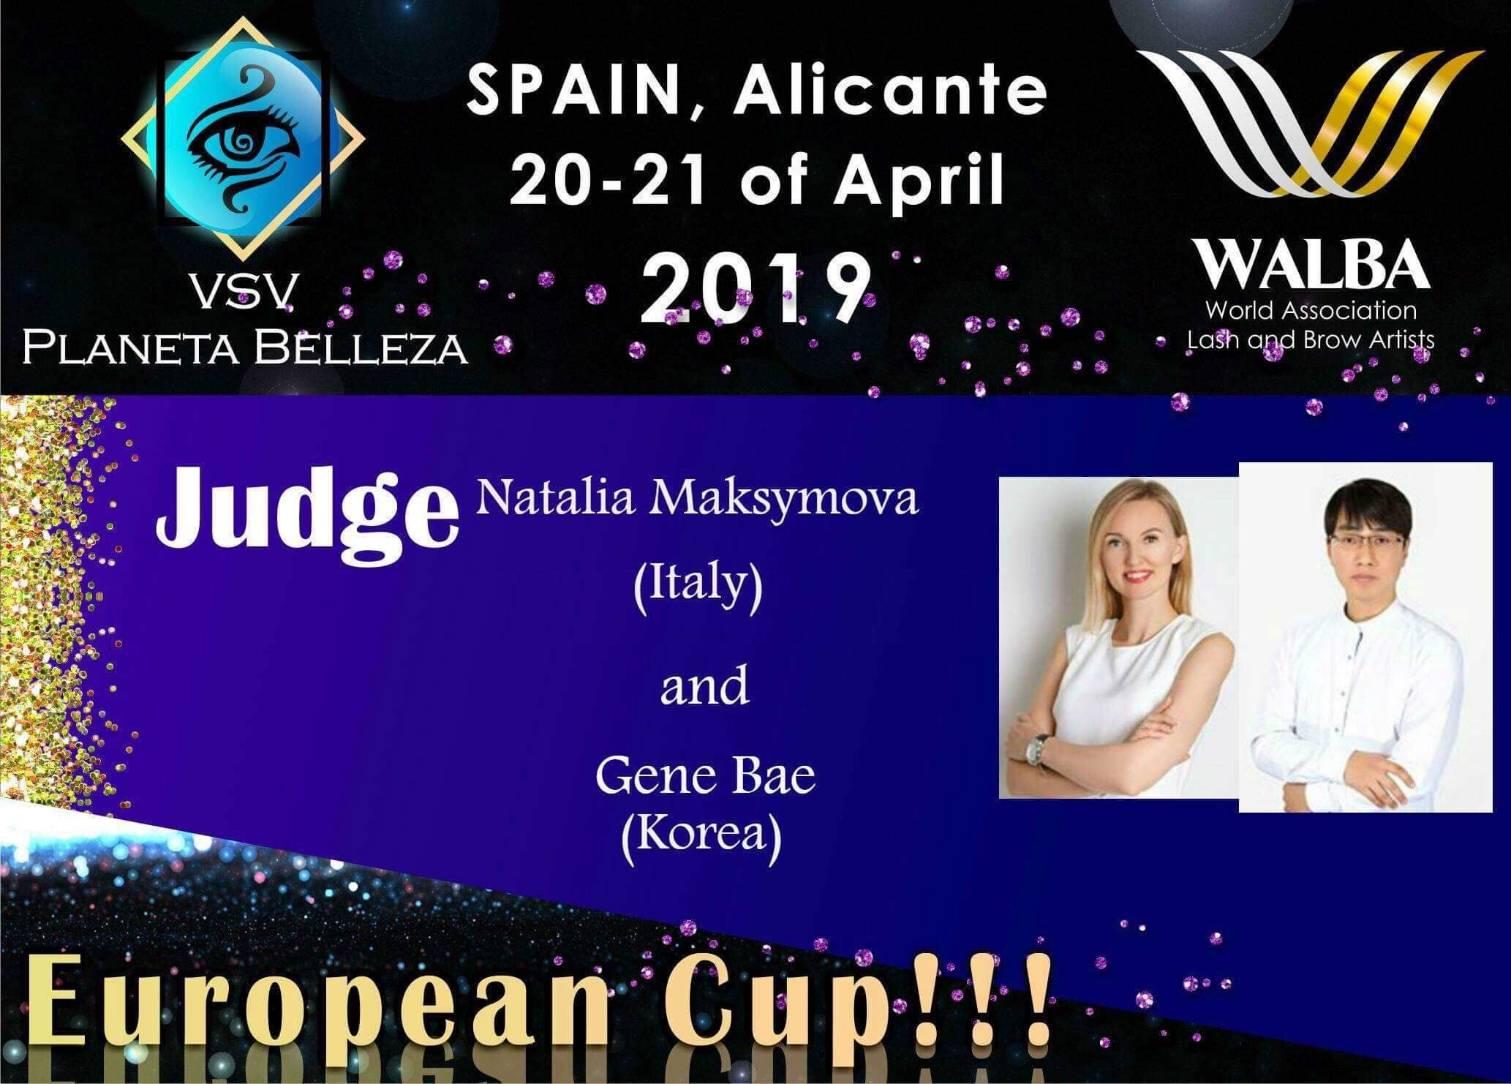 DLUXがWALBA主催するヨーロッパカップのスポンサーに決定しました!